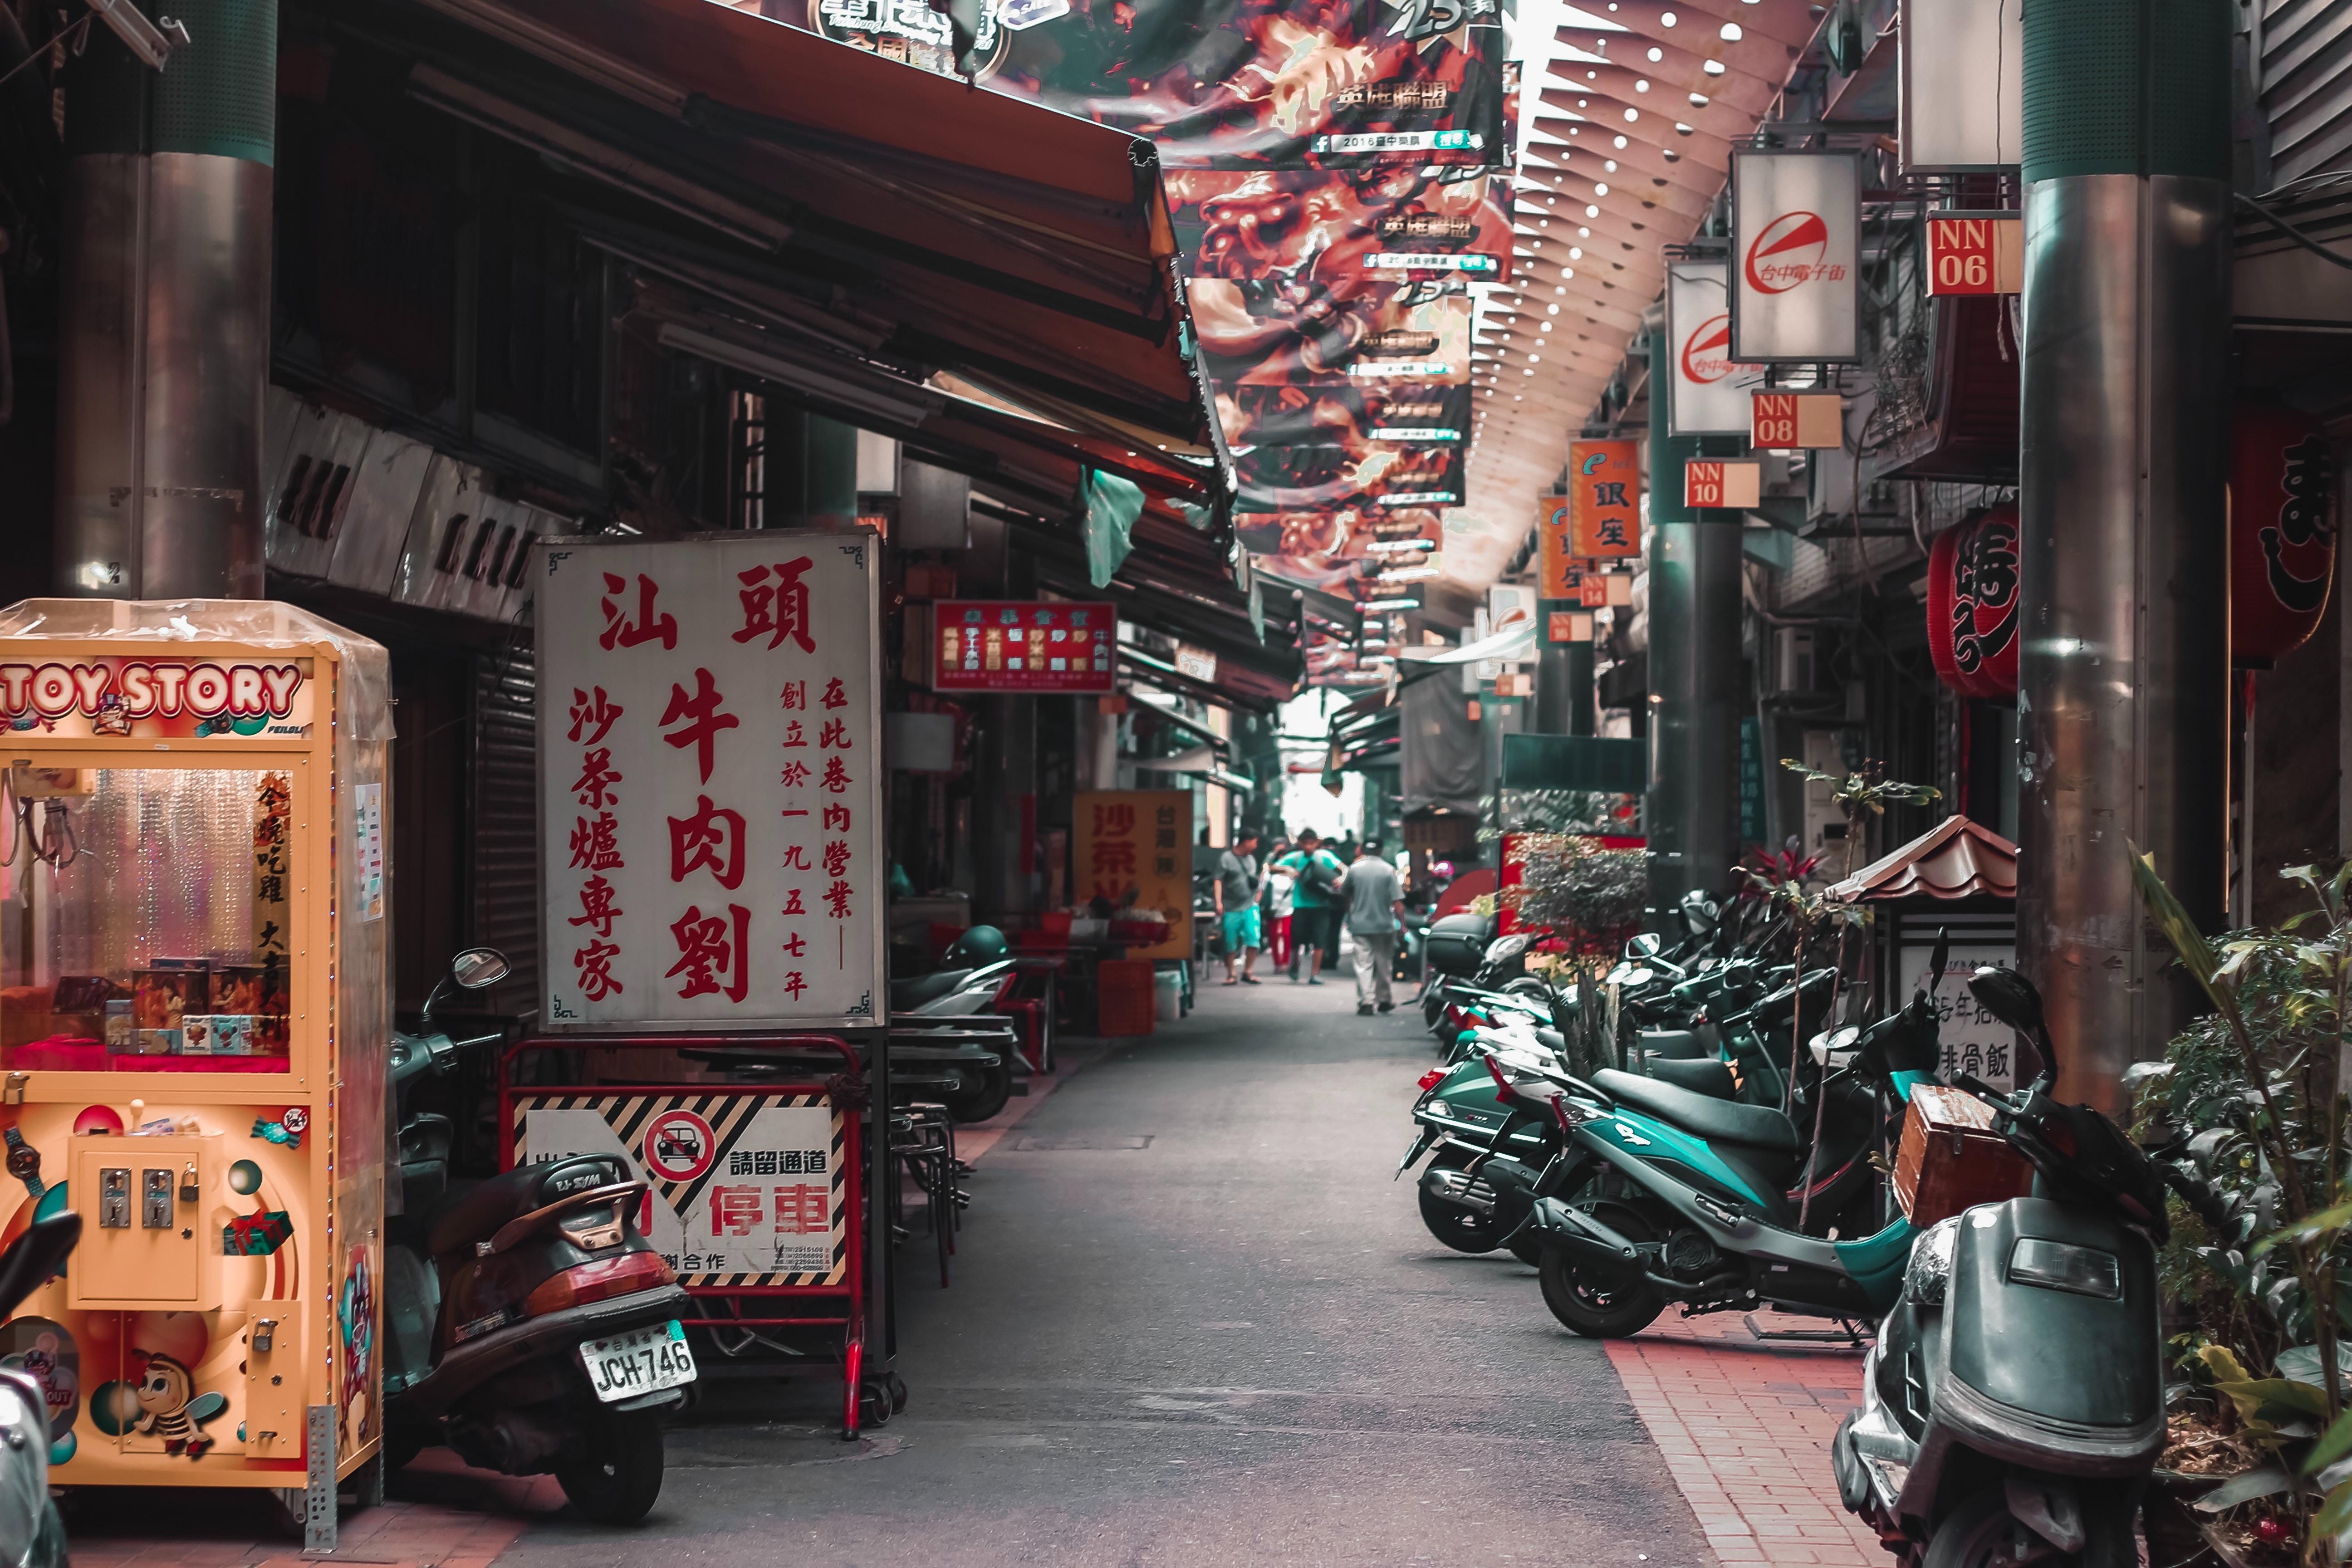 台南駅の荷物預かり場所や周辺のおすすめ情報は?グルメを楽しめるスポットも紹介